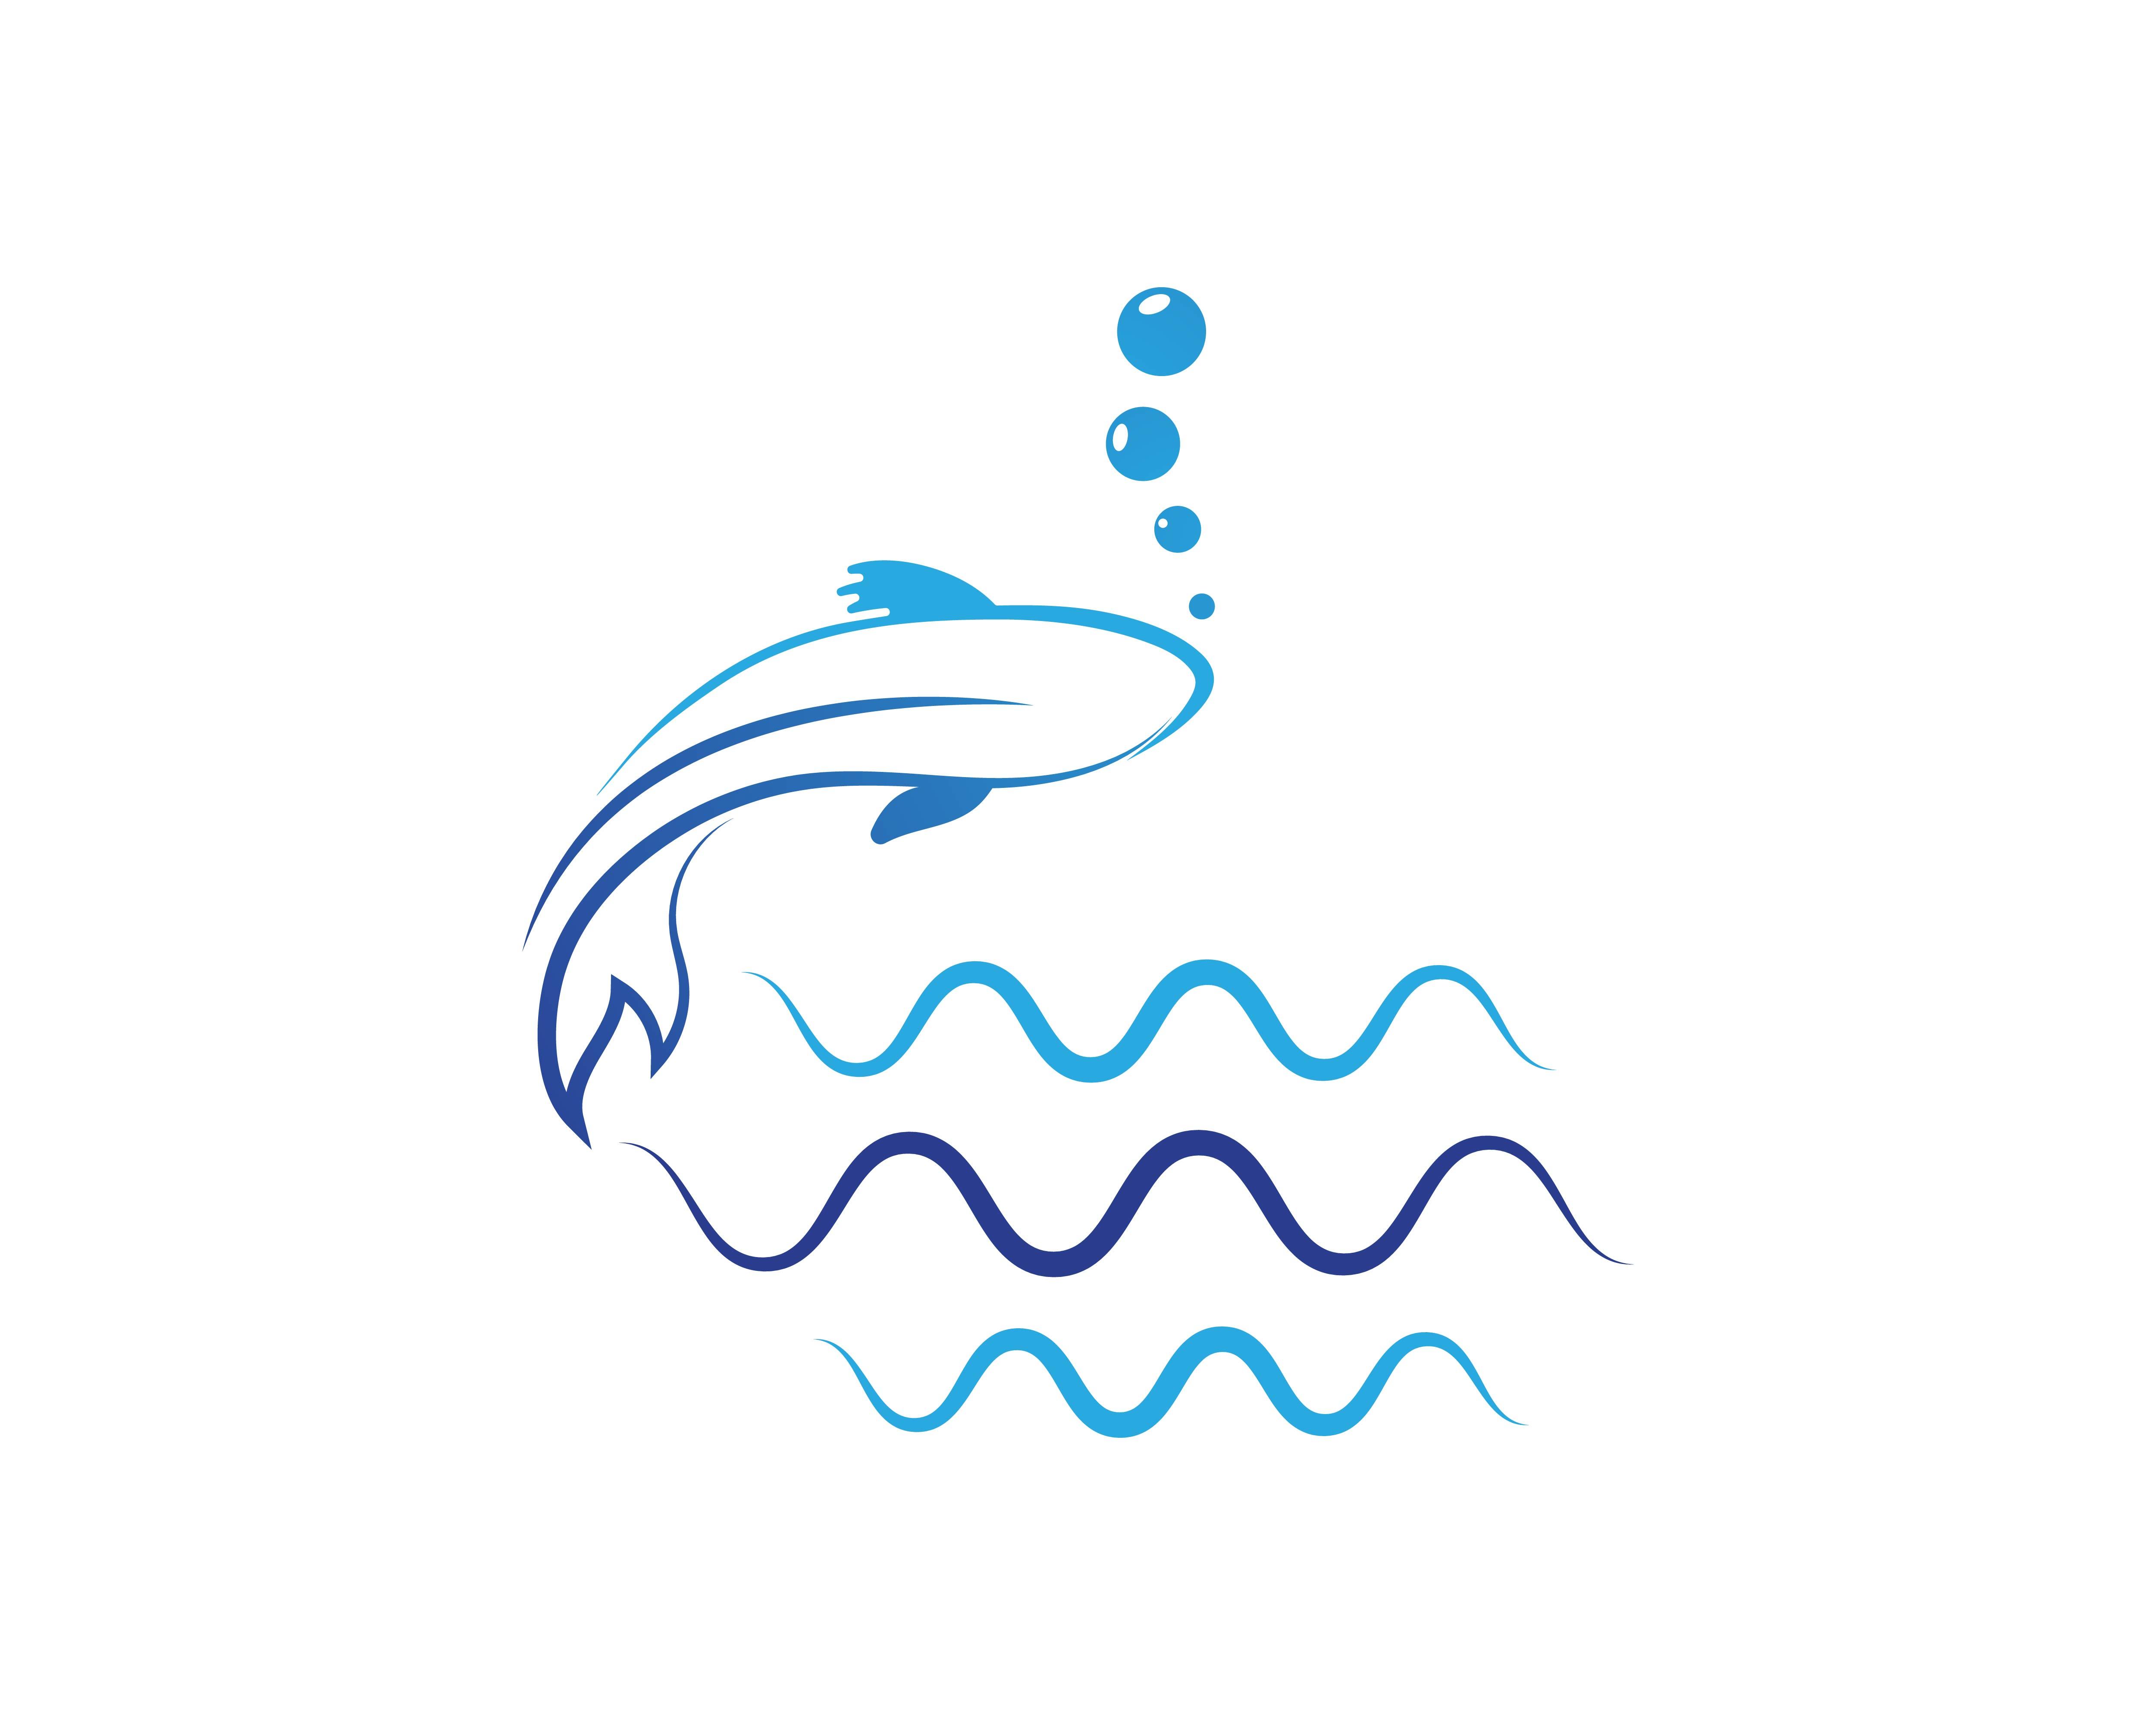 魚 logo 免費下載   天天瘋後製